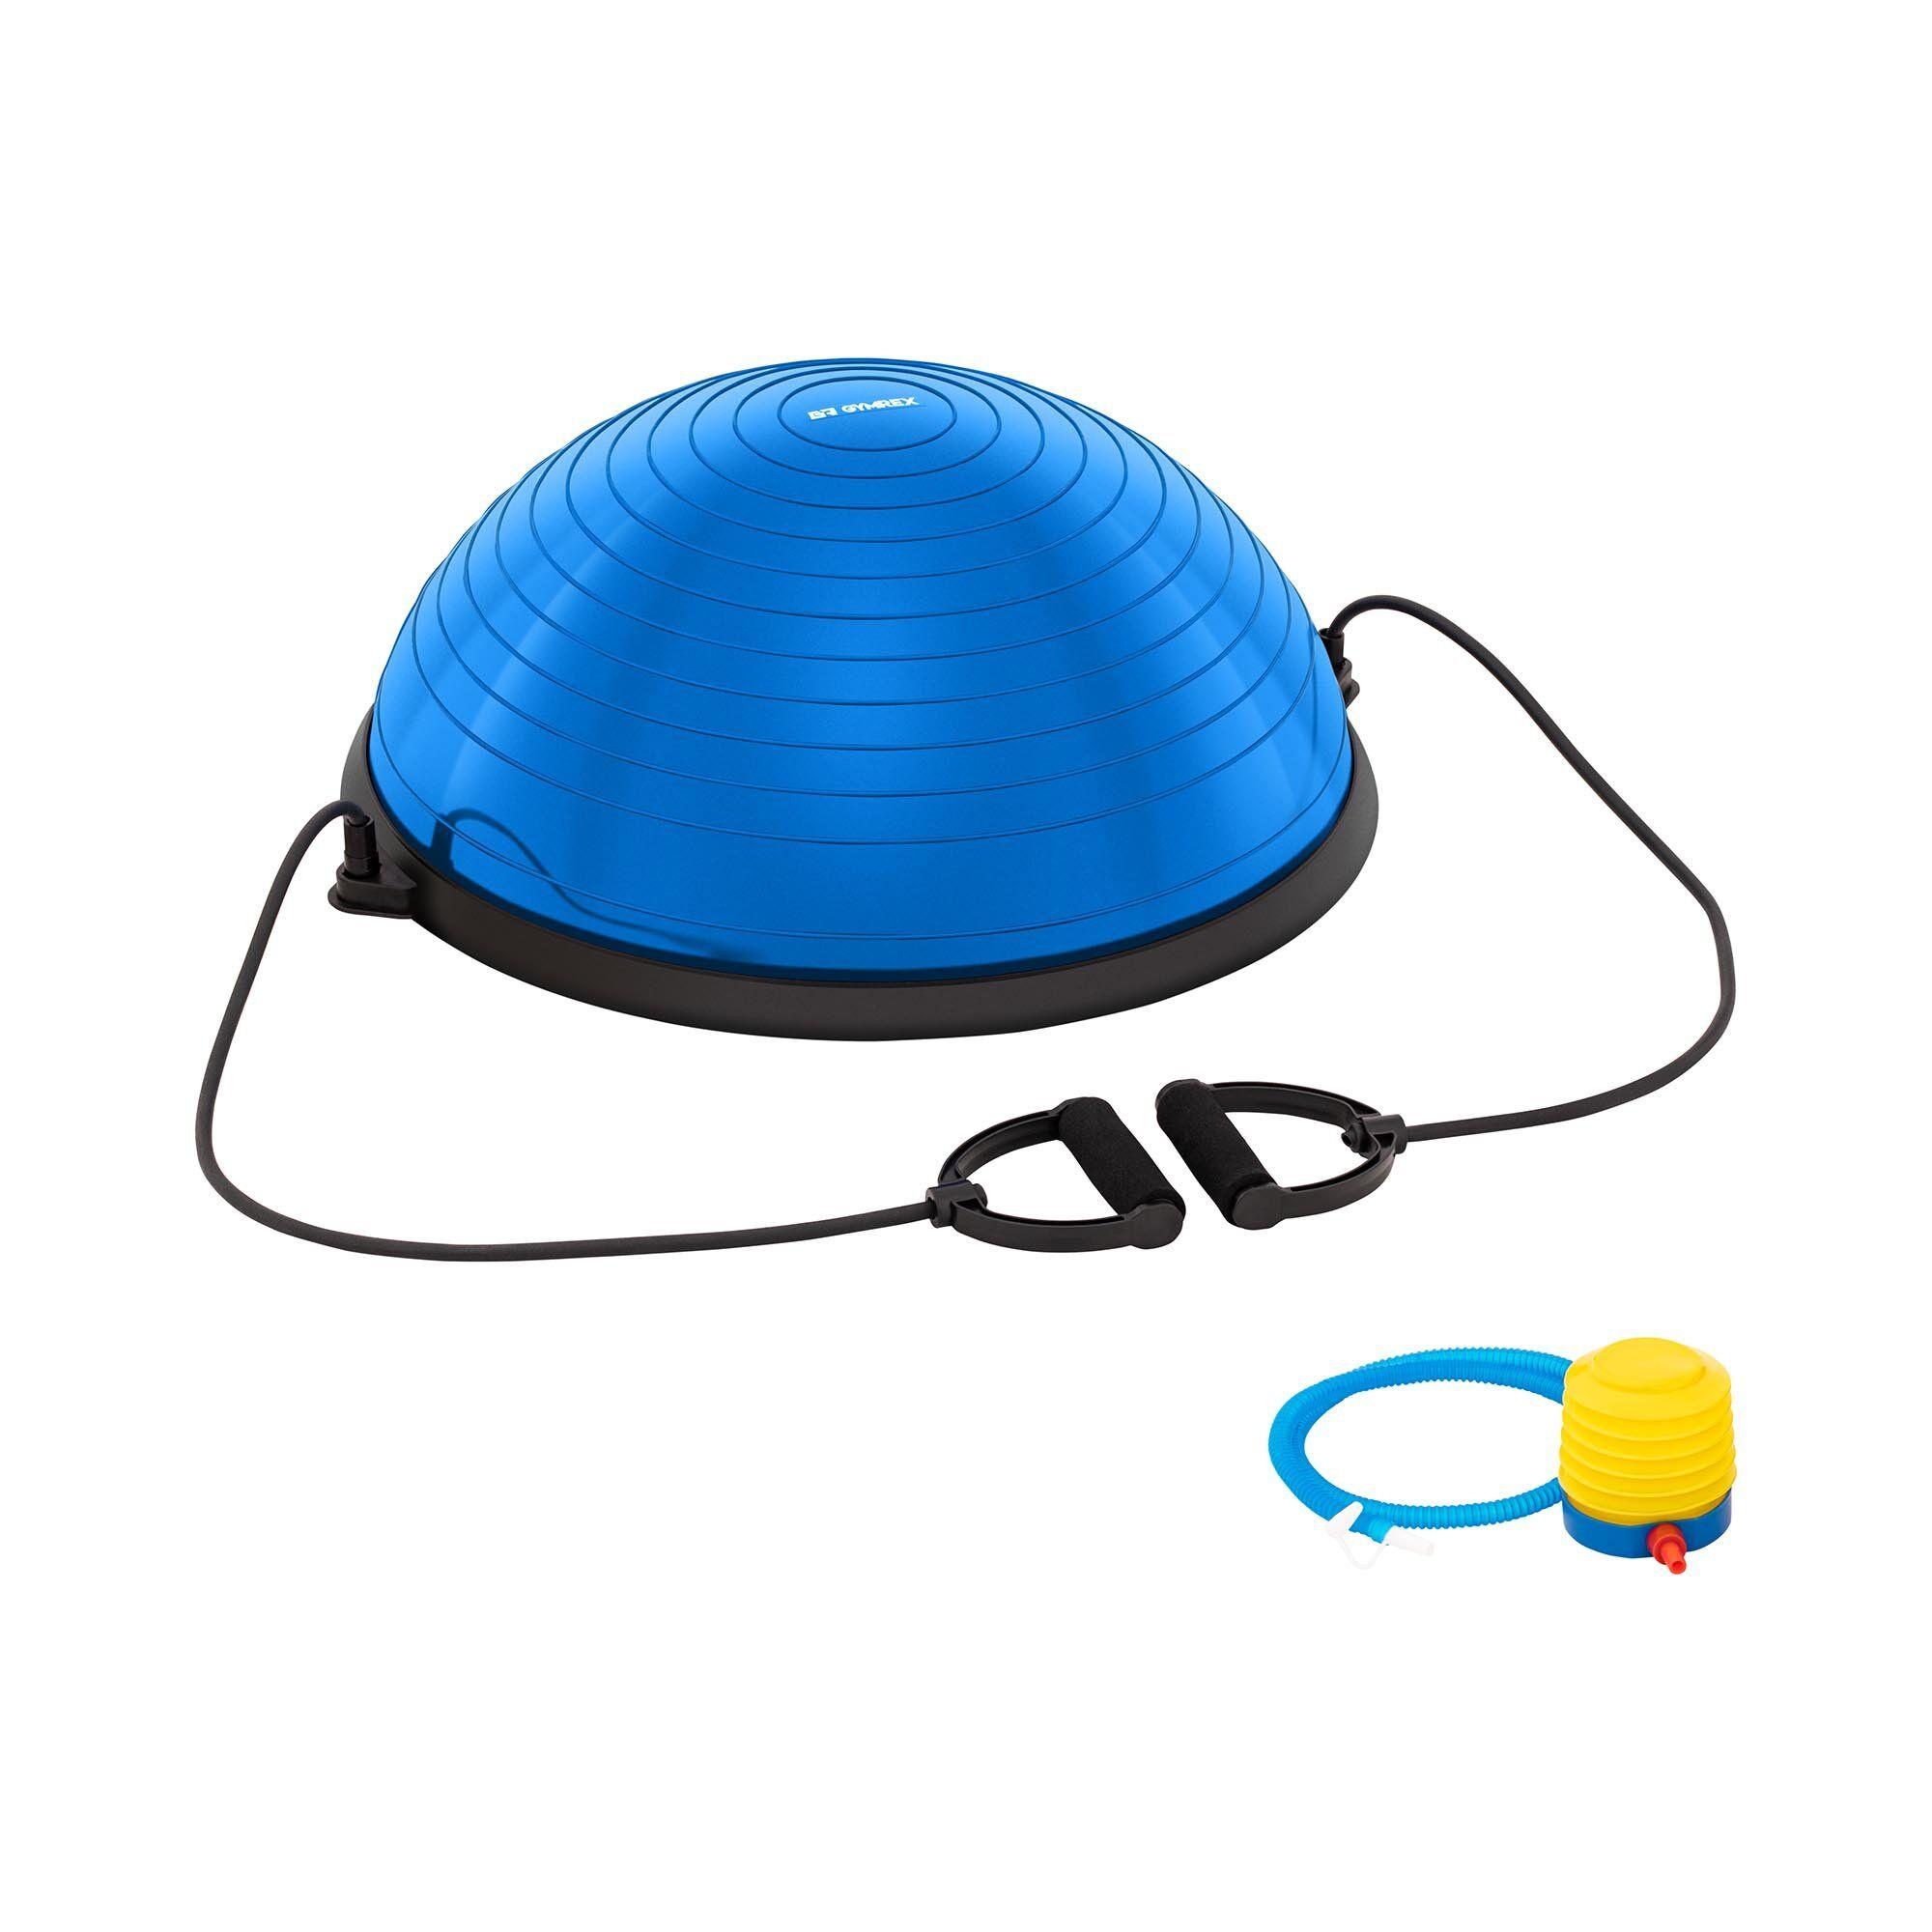 Gymrex Demi-ballon d'équilibre avec bandes élastiques - 220 kg - Bleu GR-BB 60